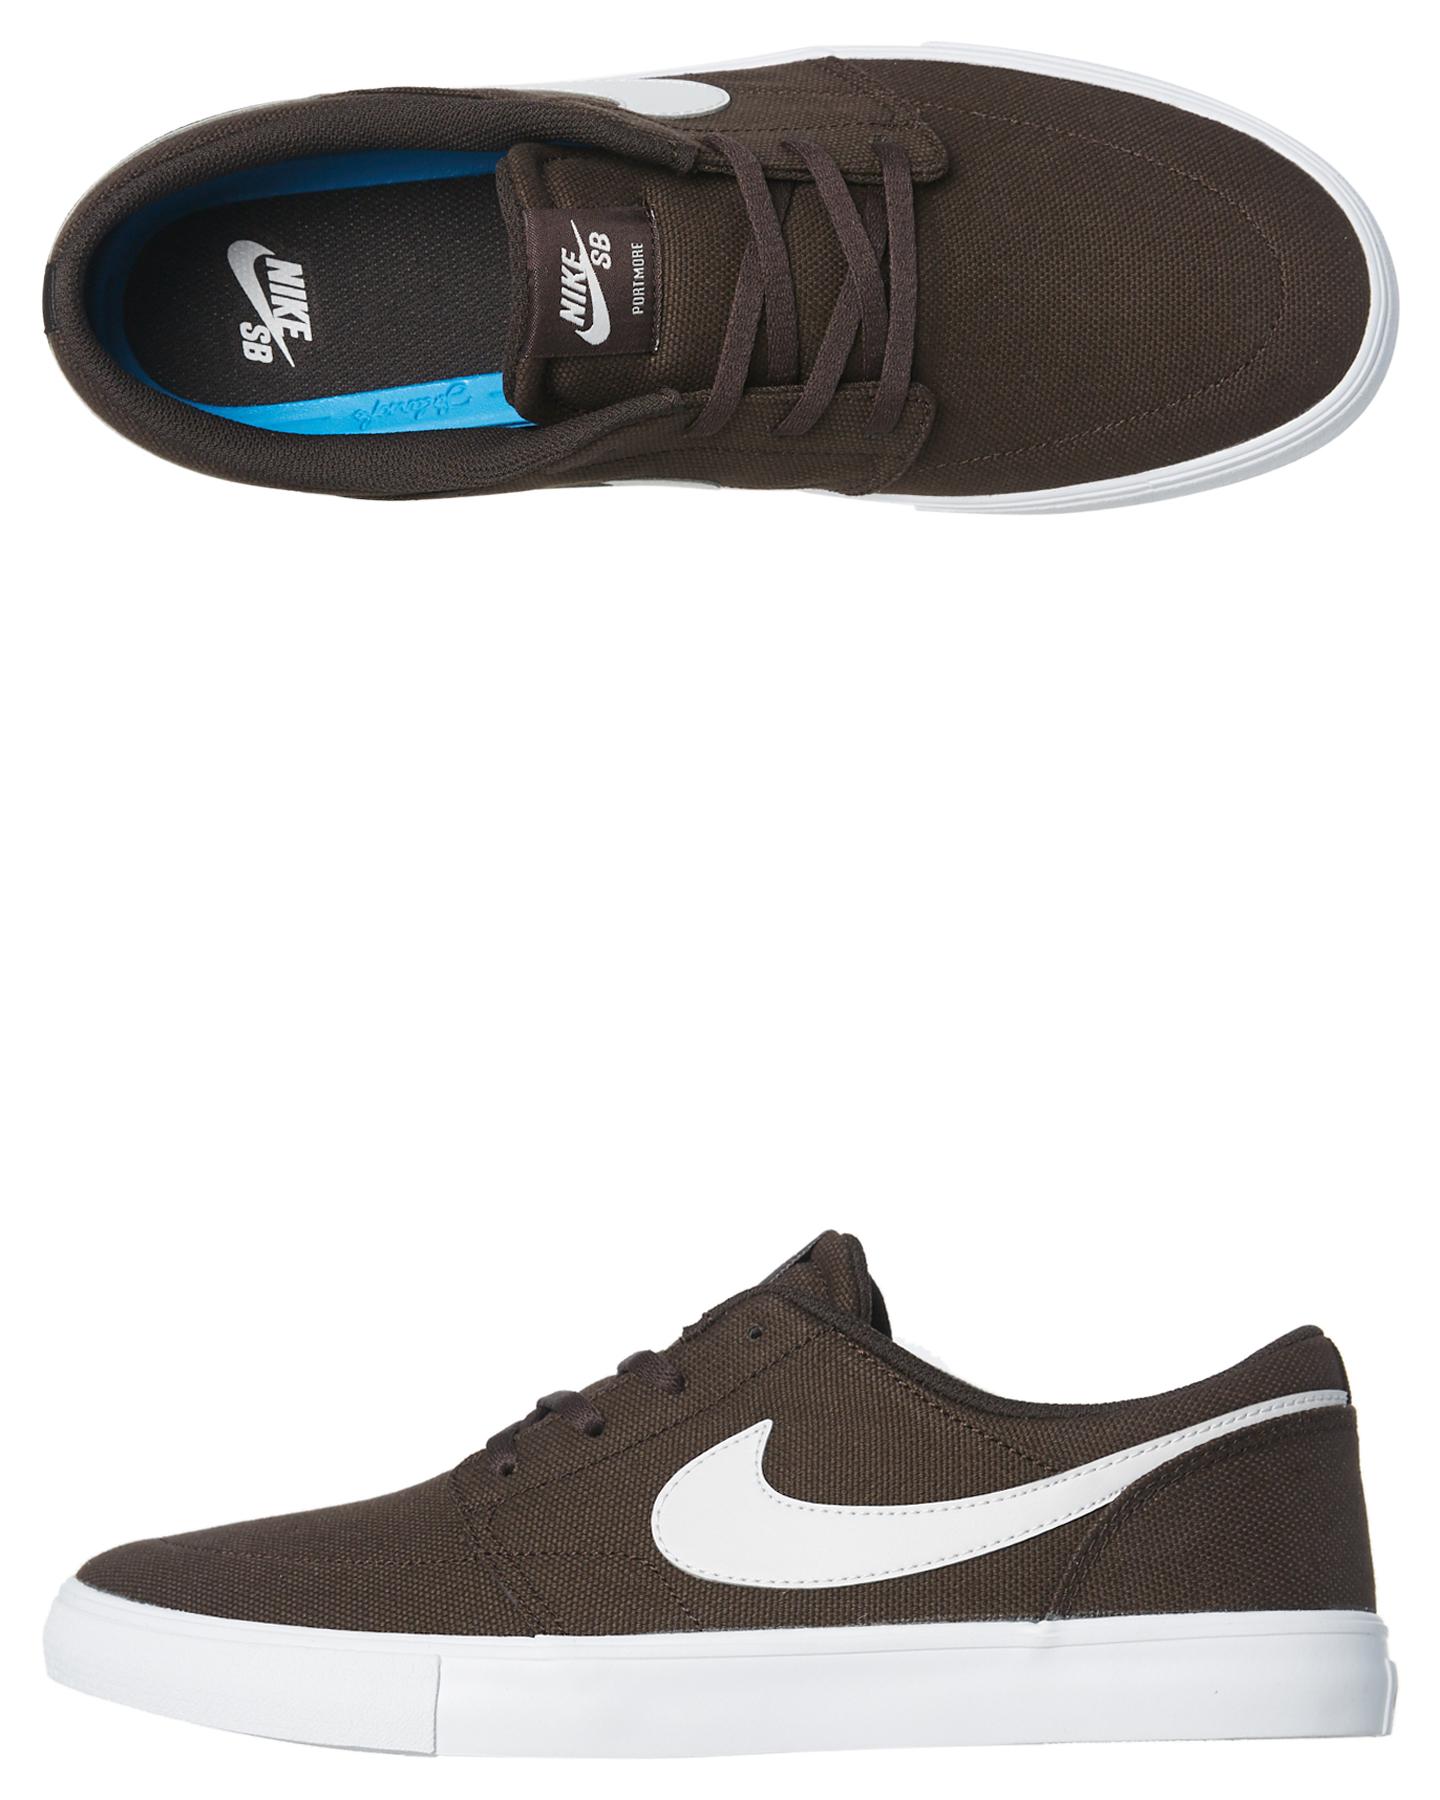 low priced 203dc d9113 Nike Sb Solarsoft Portmore Ii Shoe Velvet Brown White